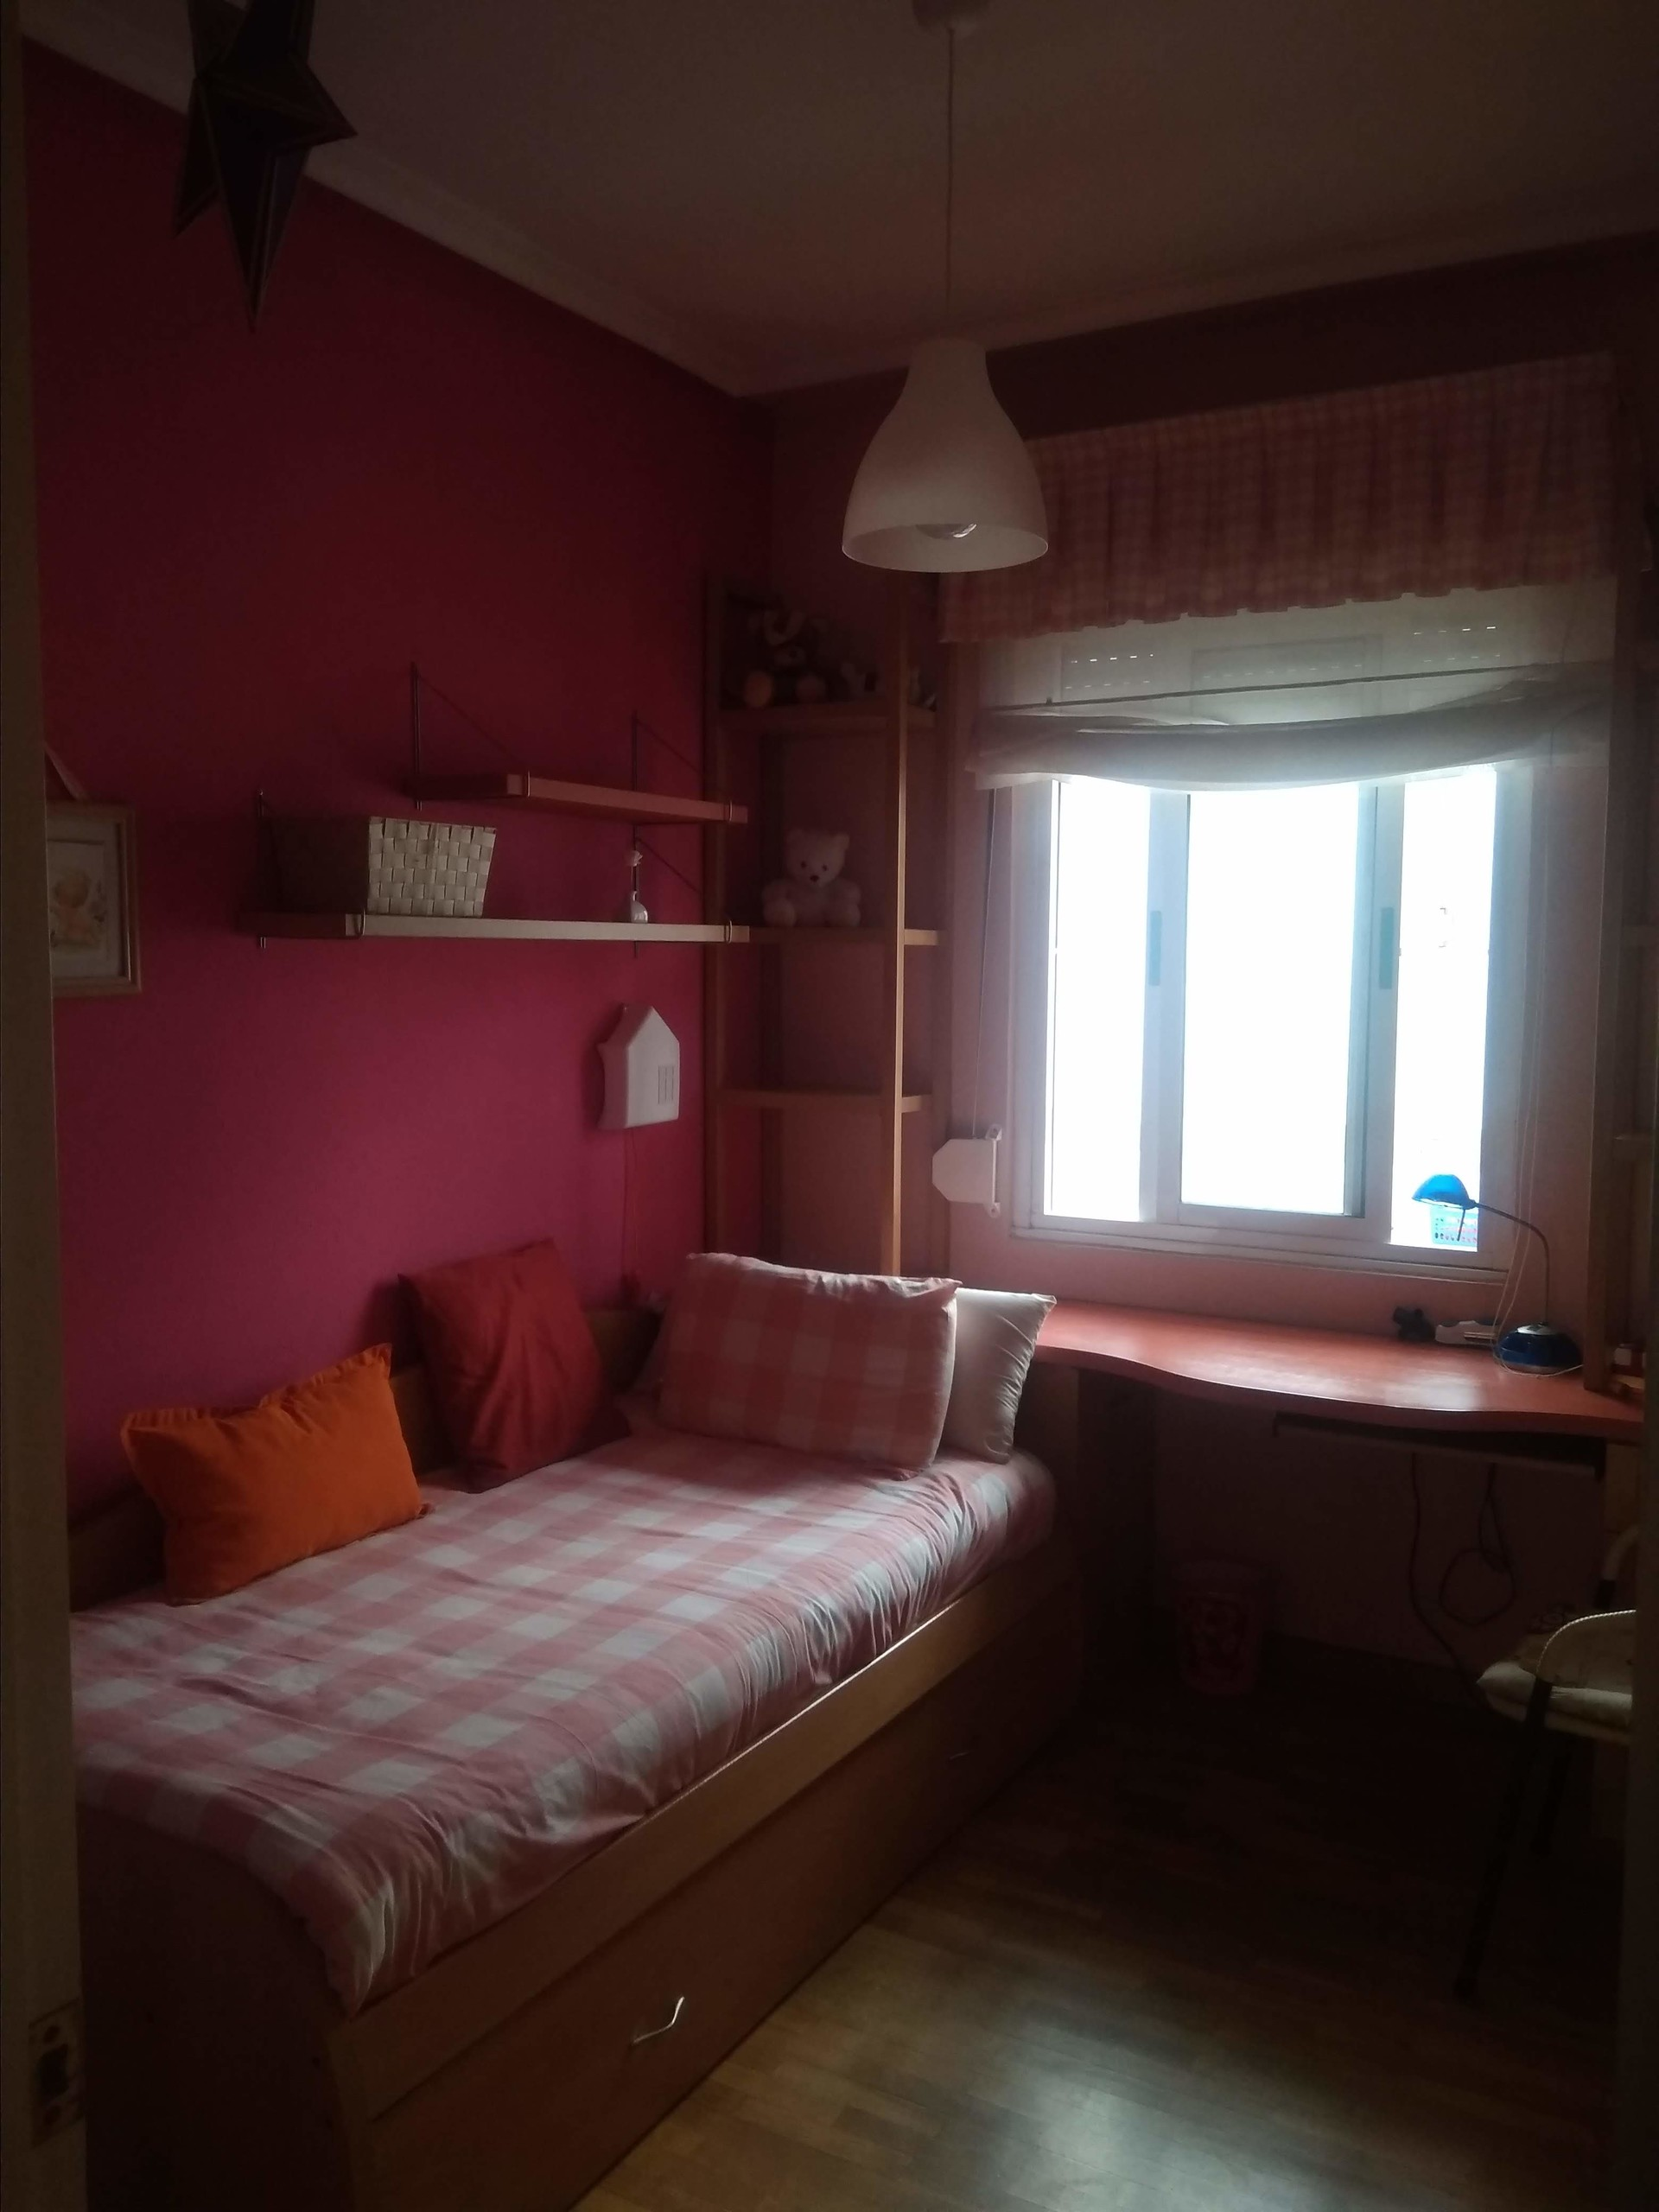 SOLO CHICAS. Se alquila habitación ámplia y cómoda